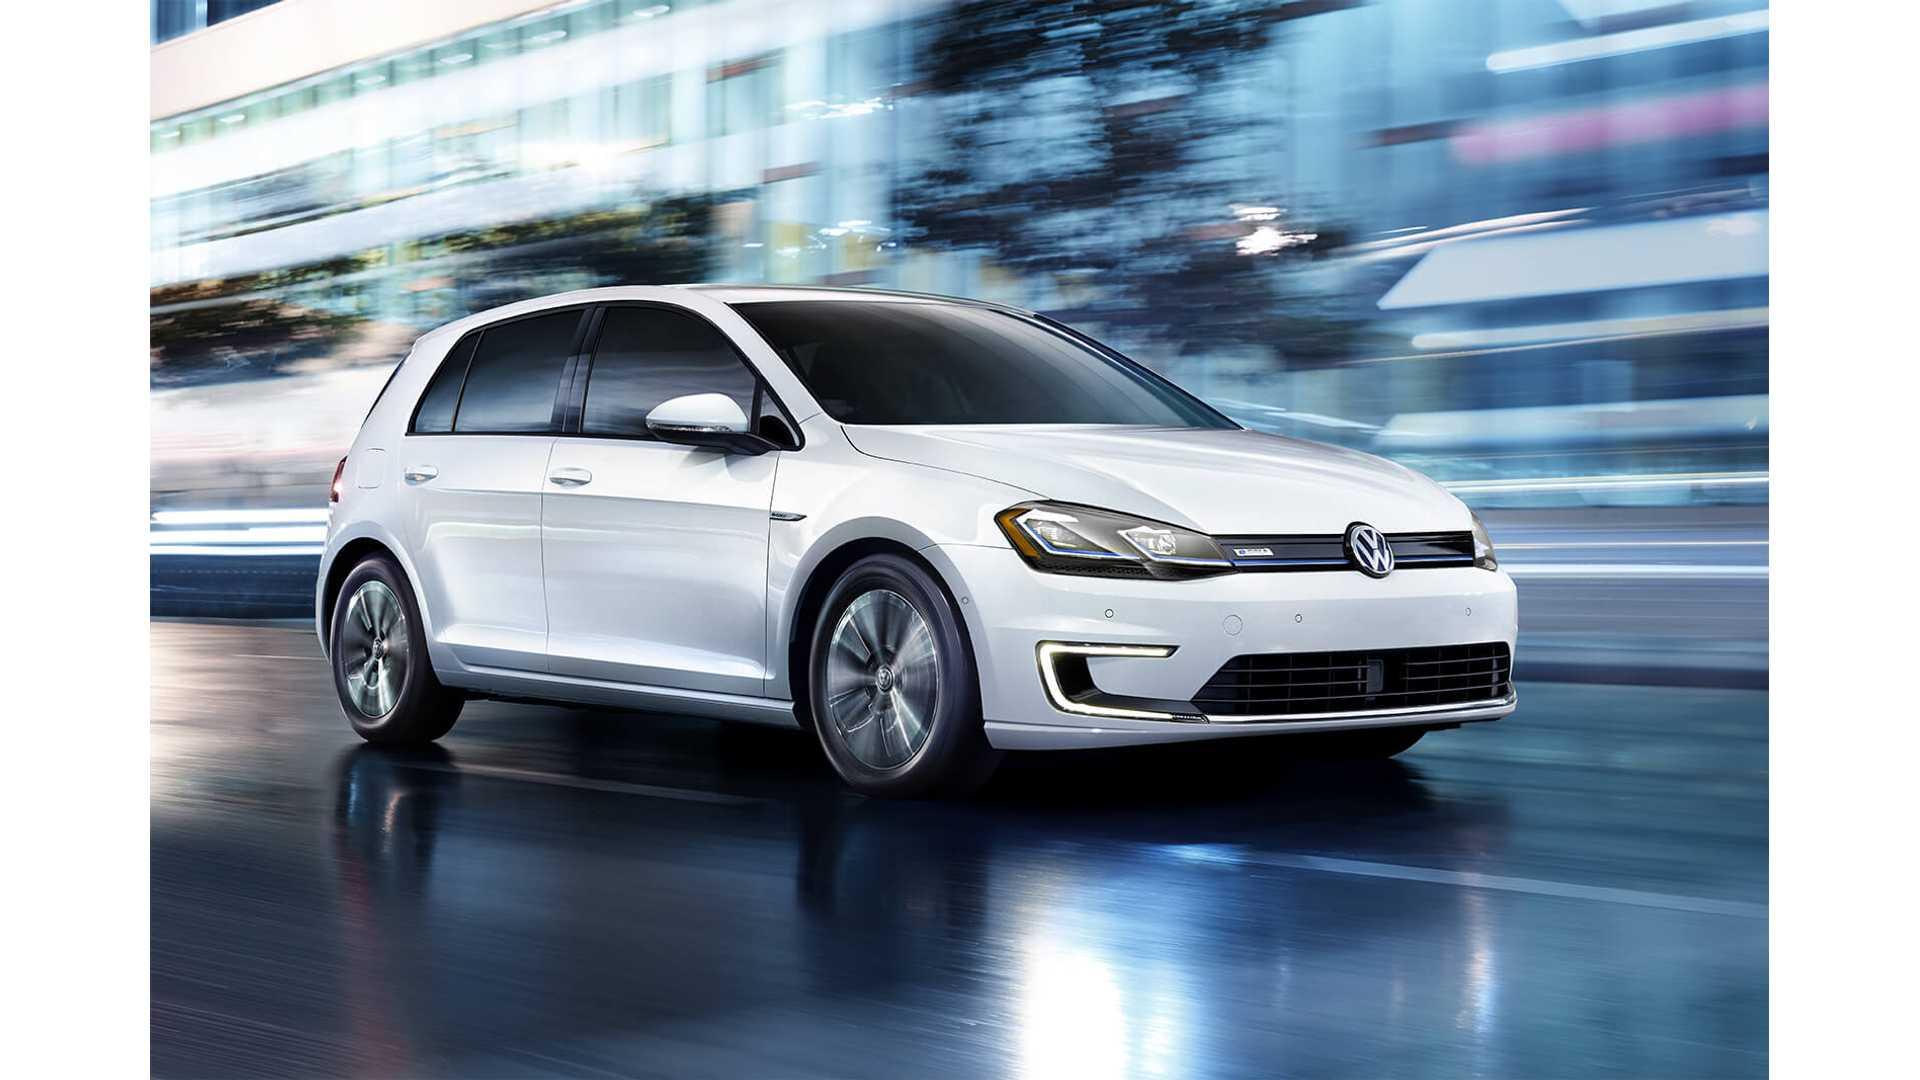 32 Gallery of The Volkswagen E Up 2019 Rumor Speed Test with The Volkswagen E Up 2019 Rumor